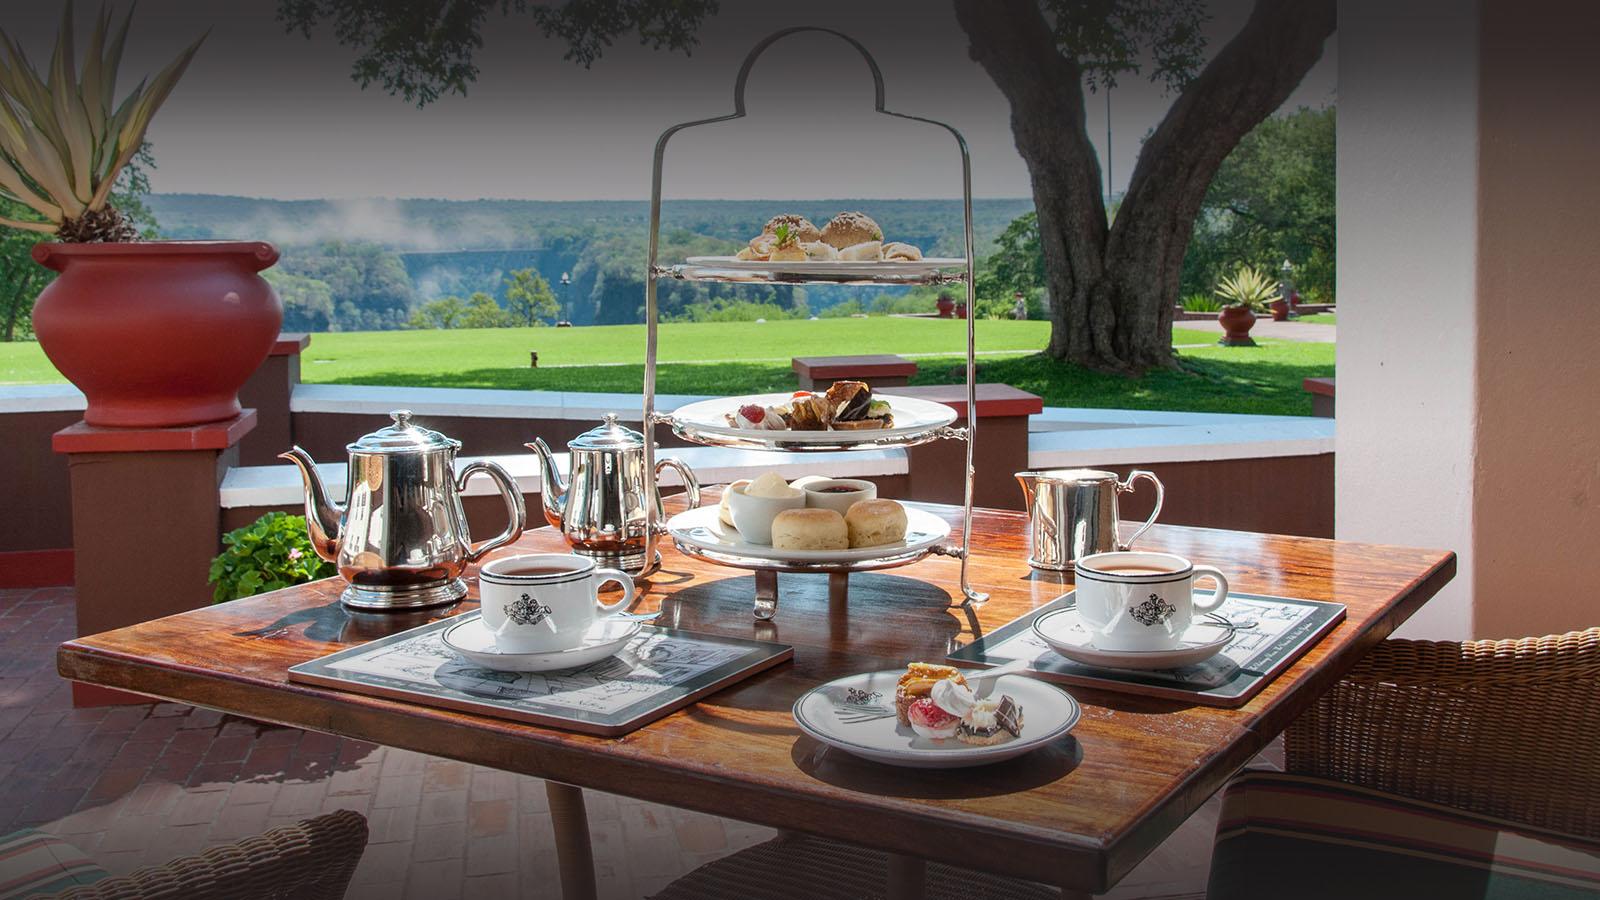 victoria falls hotel zimbabwe-accommodation-elegant-luxury-hotel-tea